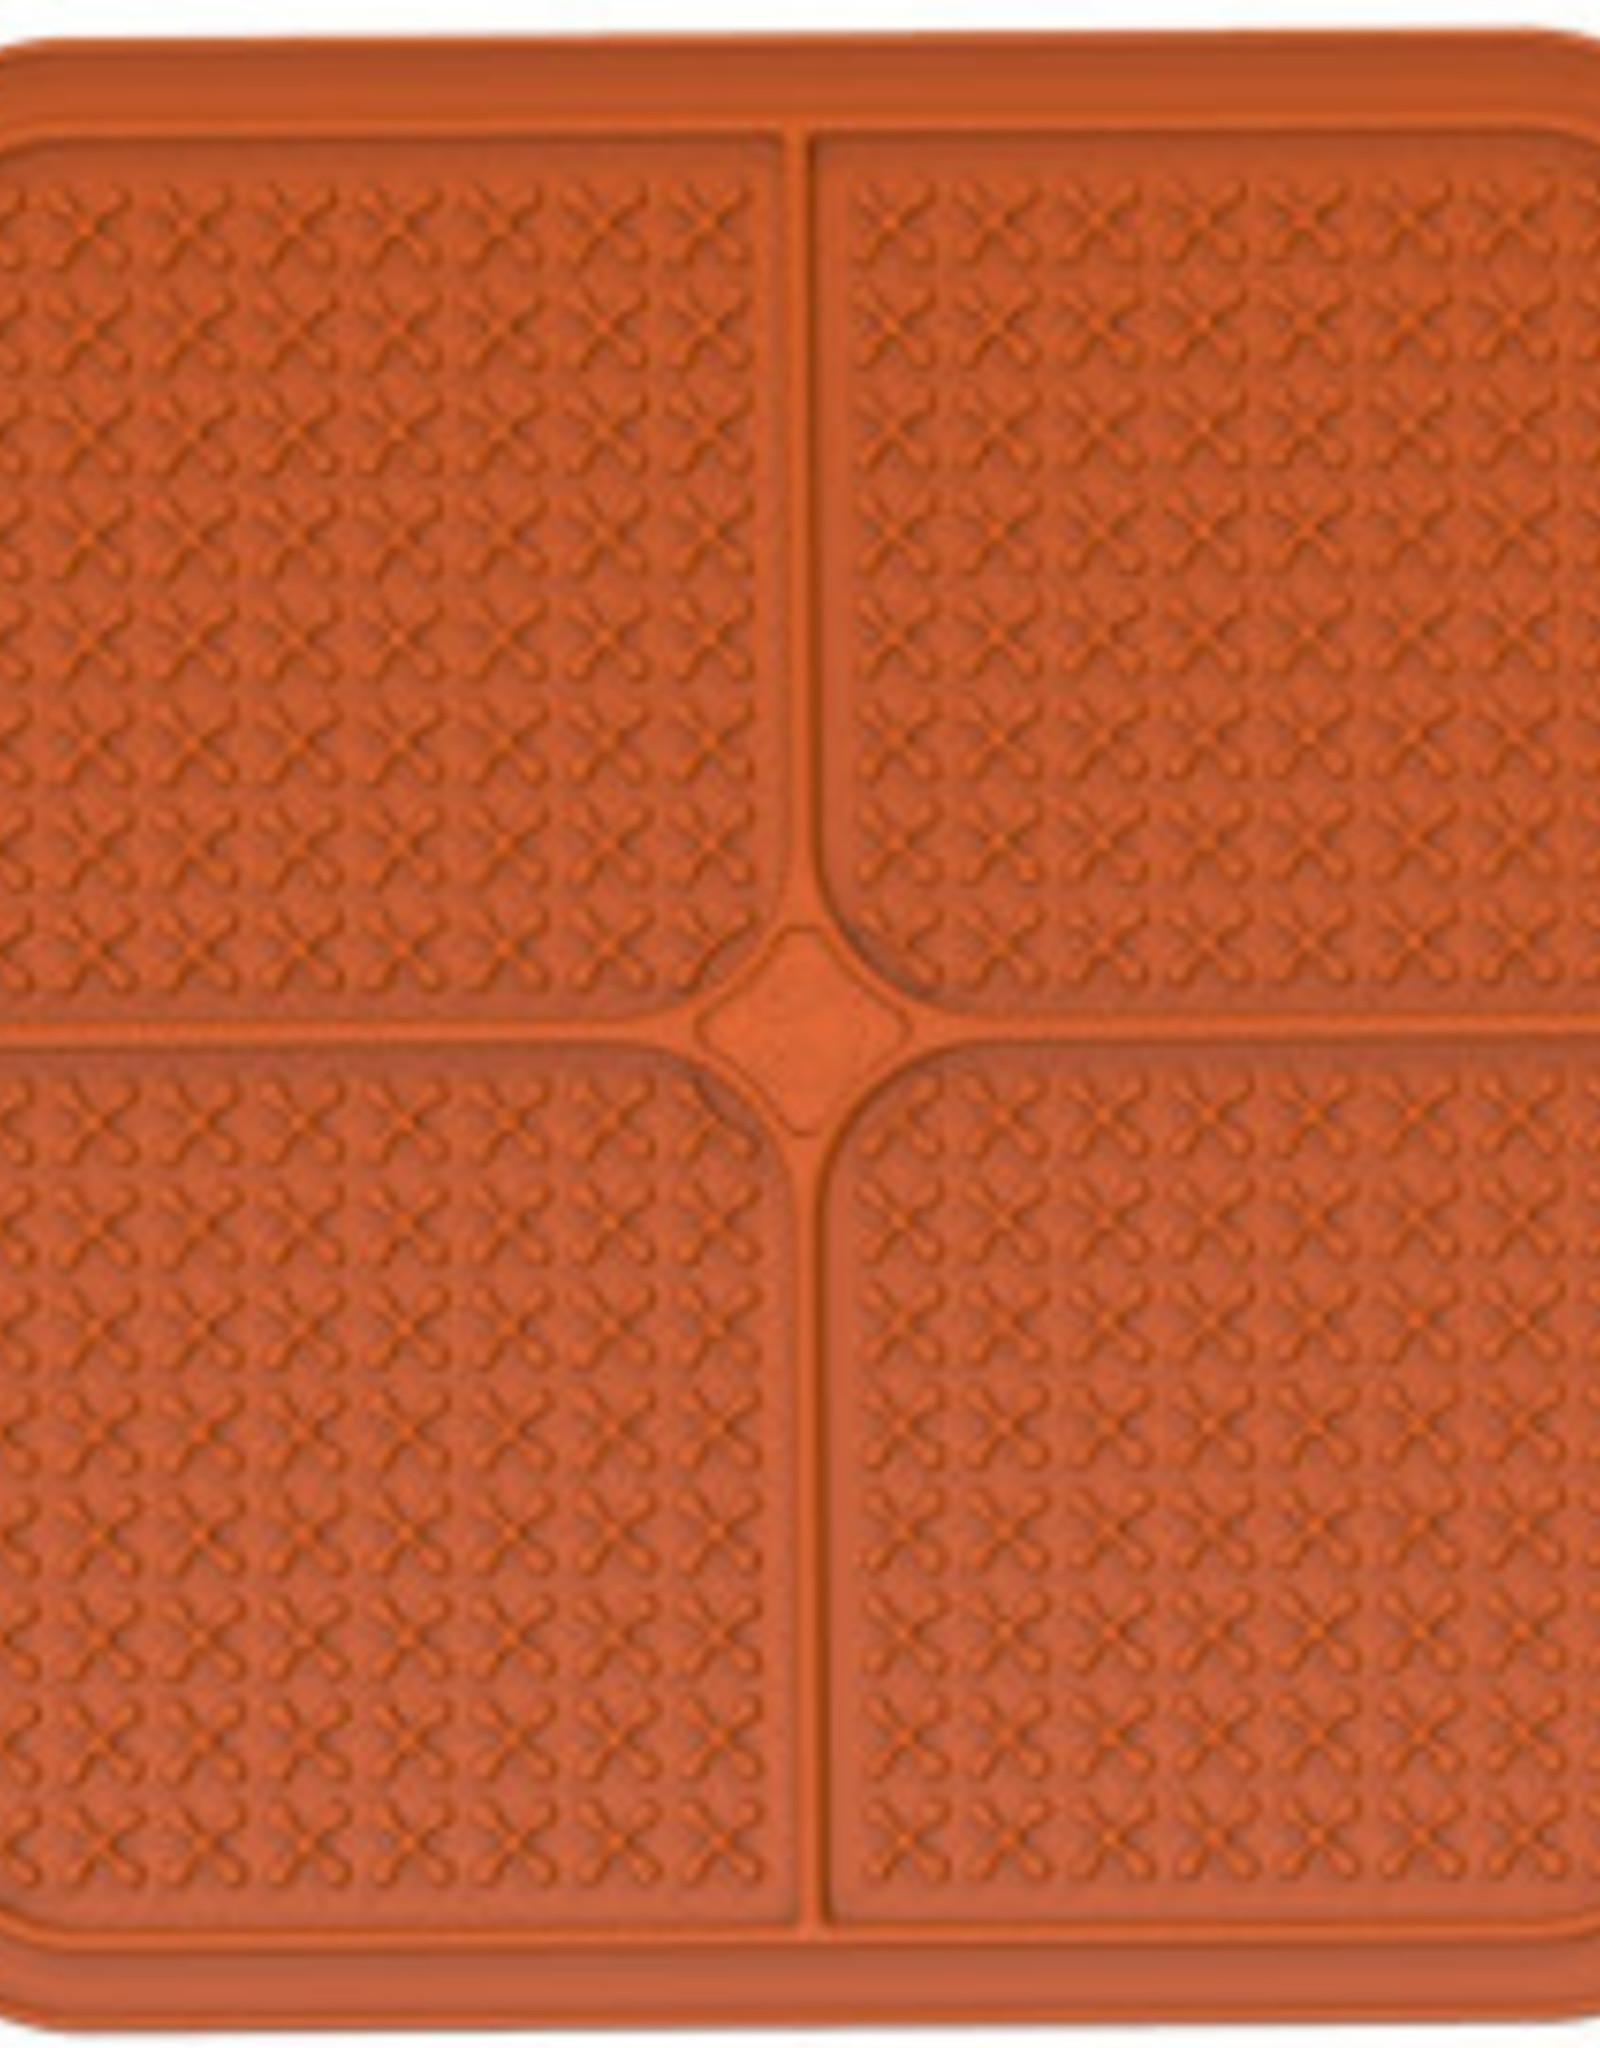 LickiMat Lickimat Buddy Crosses Orange Small/Med